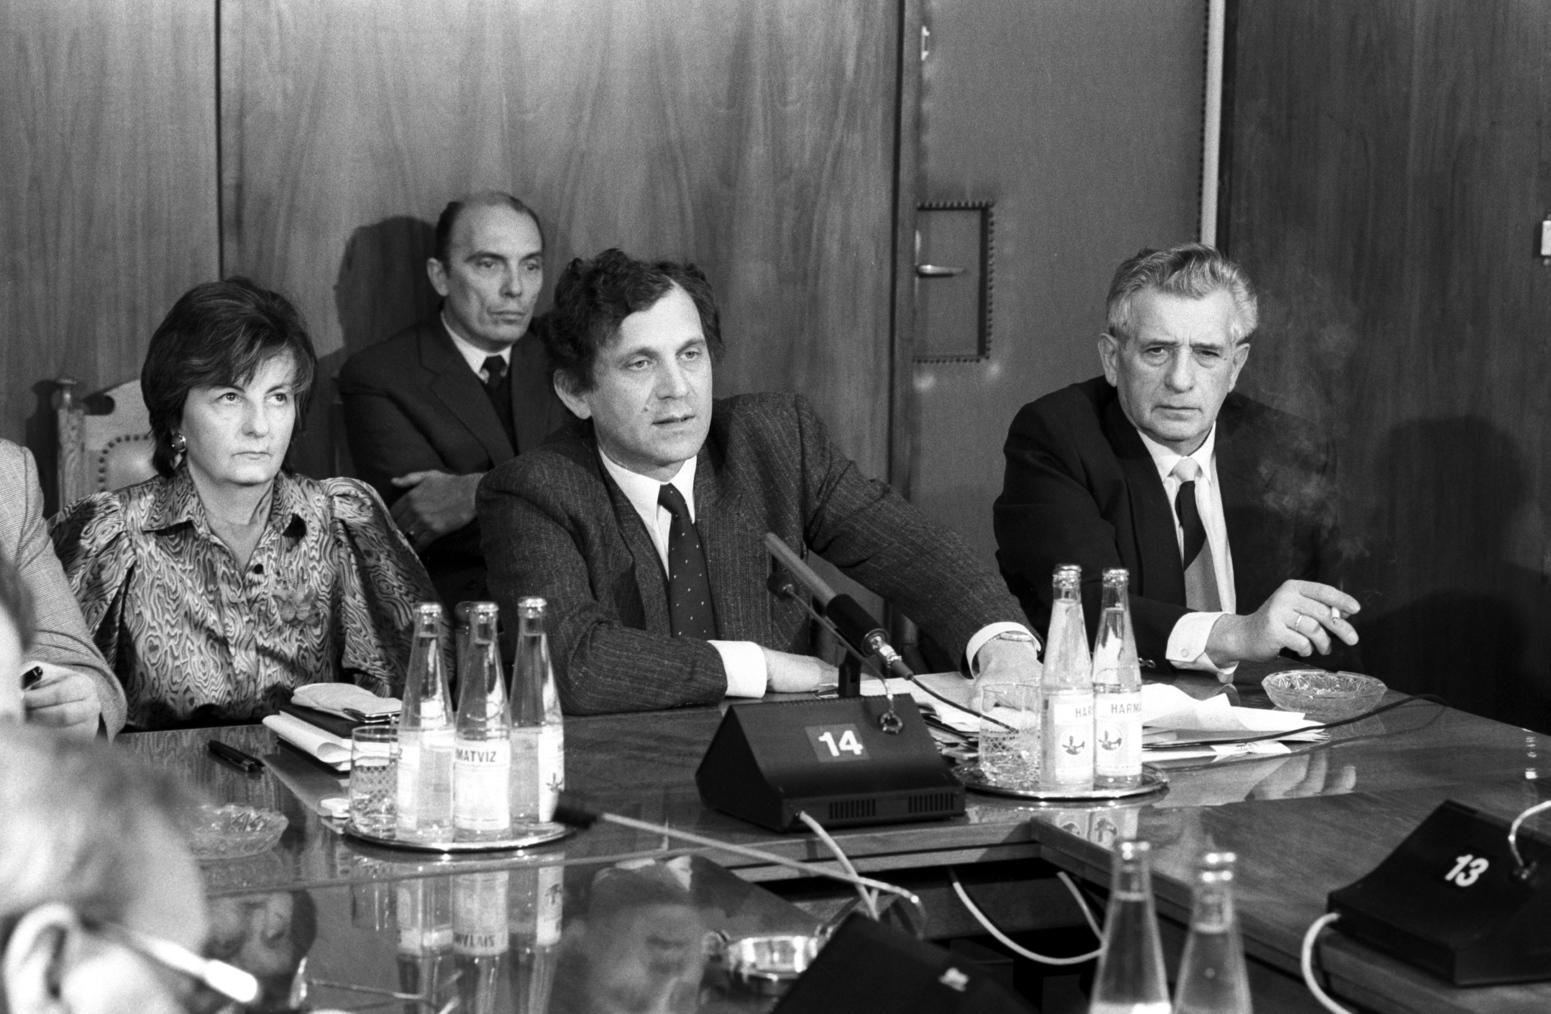 Budapest, 1990. január 9. Lepsényi István, az Ikarus Gyár vezérigazgató-helyettese (k) tájékoztatja a sajtó képviselőit a Suzuki személyautók magyarországi gyártásáról szóló megállapodás létrejöttéről. Az Esztergomban felépülő gyárban 1992-ben indul el a termelés. MTI Fotó: Balaton József